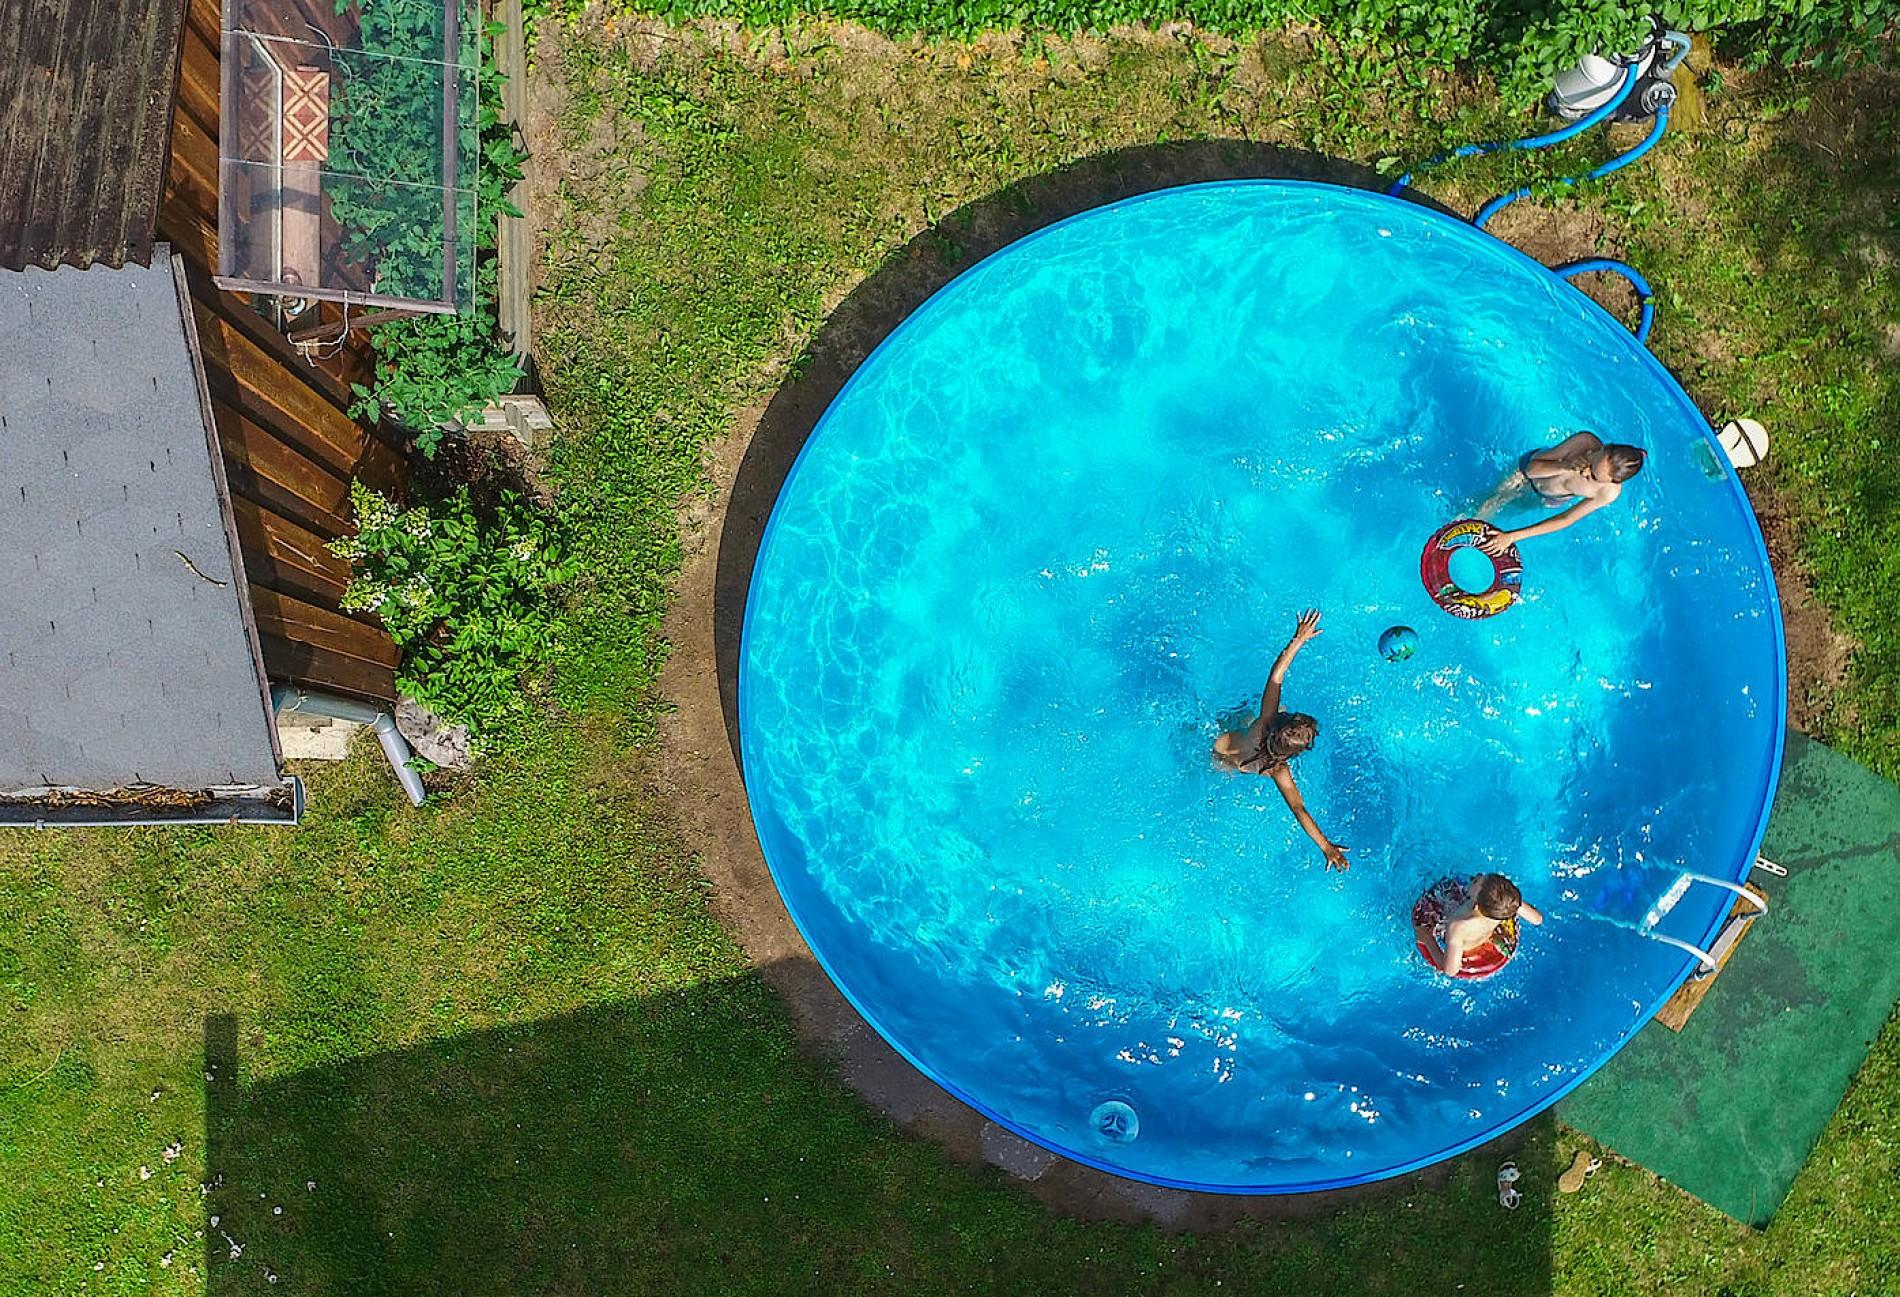 Full Size of Pool Garten Bauen Lassen Kosten Selber Erlaubt Preis Vorschriften Hotel Bad Vorhänge Spielhaus Günstig Heizung Decken Pavillion Deckenleuchten Schöner Abo Garten Pool Im Garten Bauen